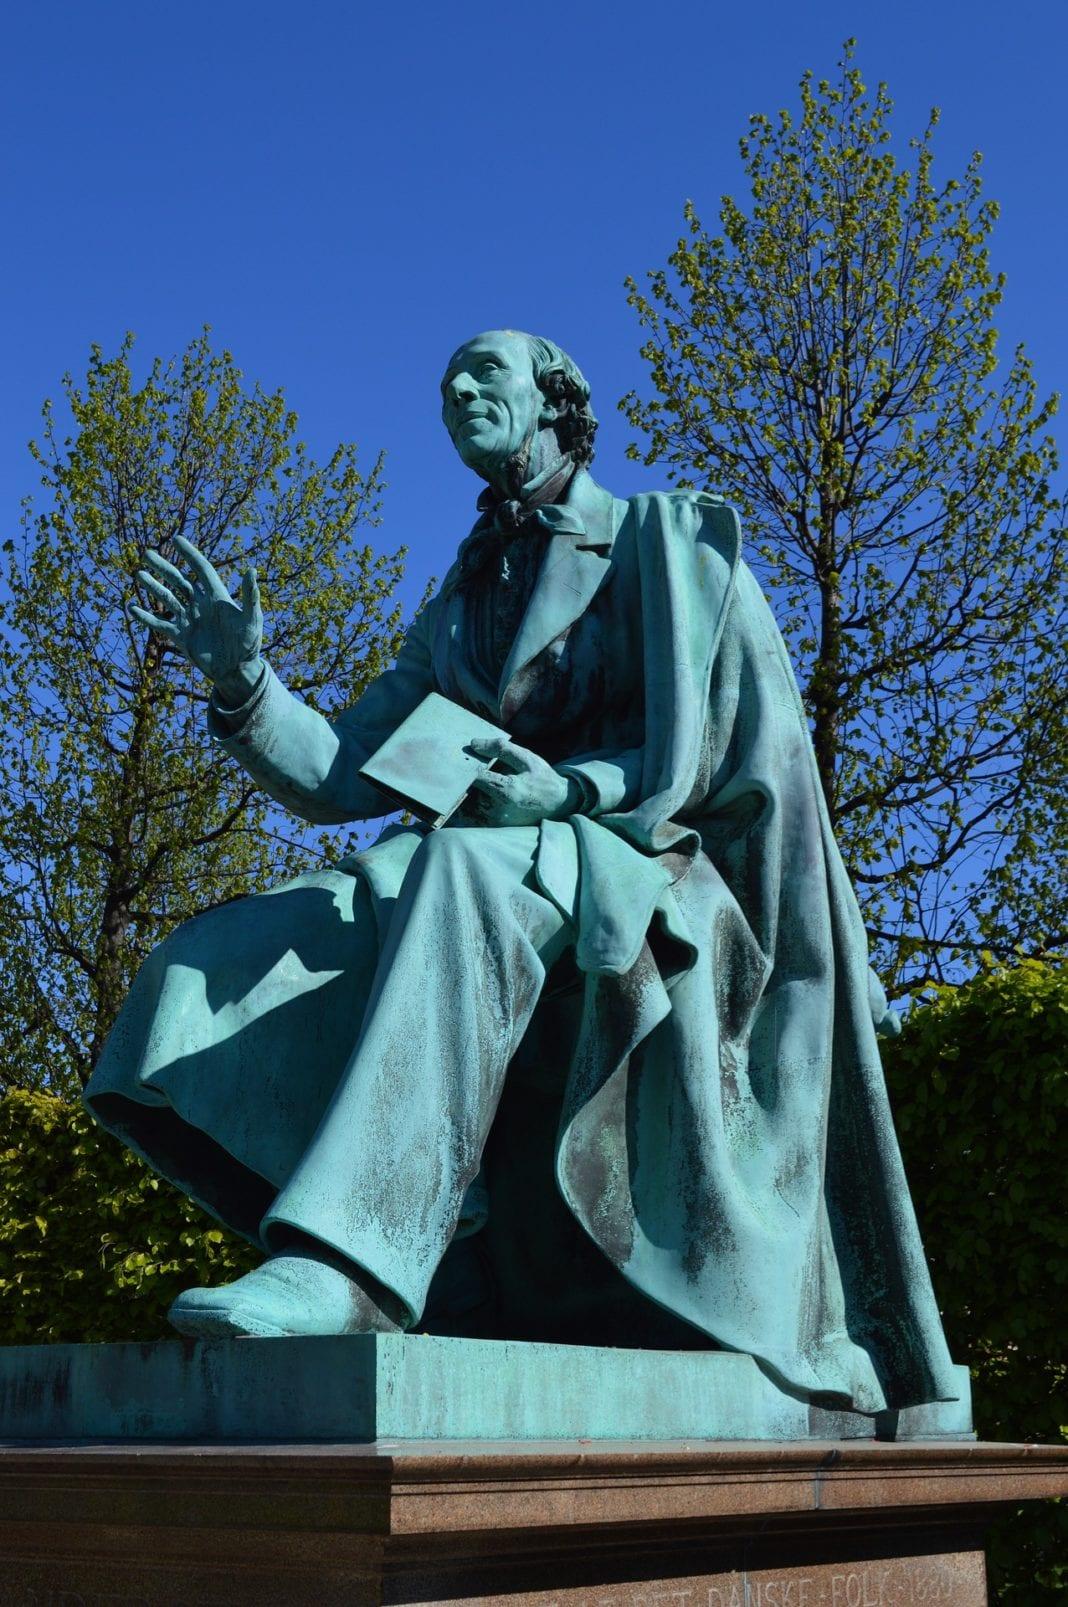 Statue of Hans Christian Andersen, Rosenborg Castle Gardens, HANS CHRISTIAN ANDERSON STORIES